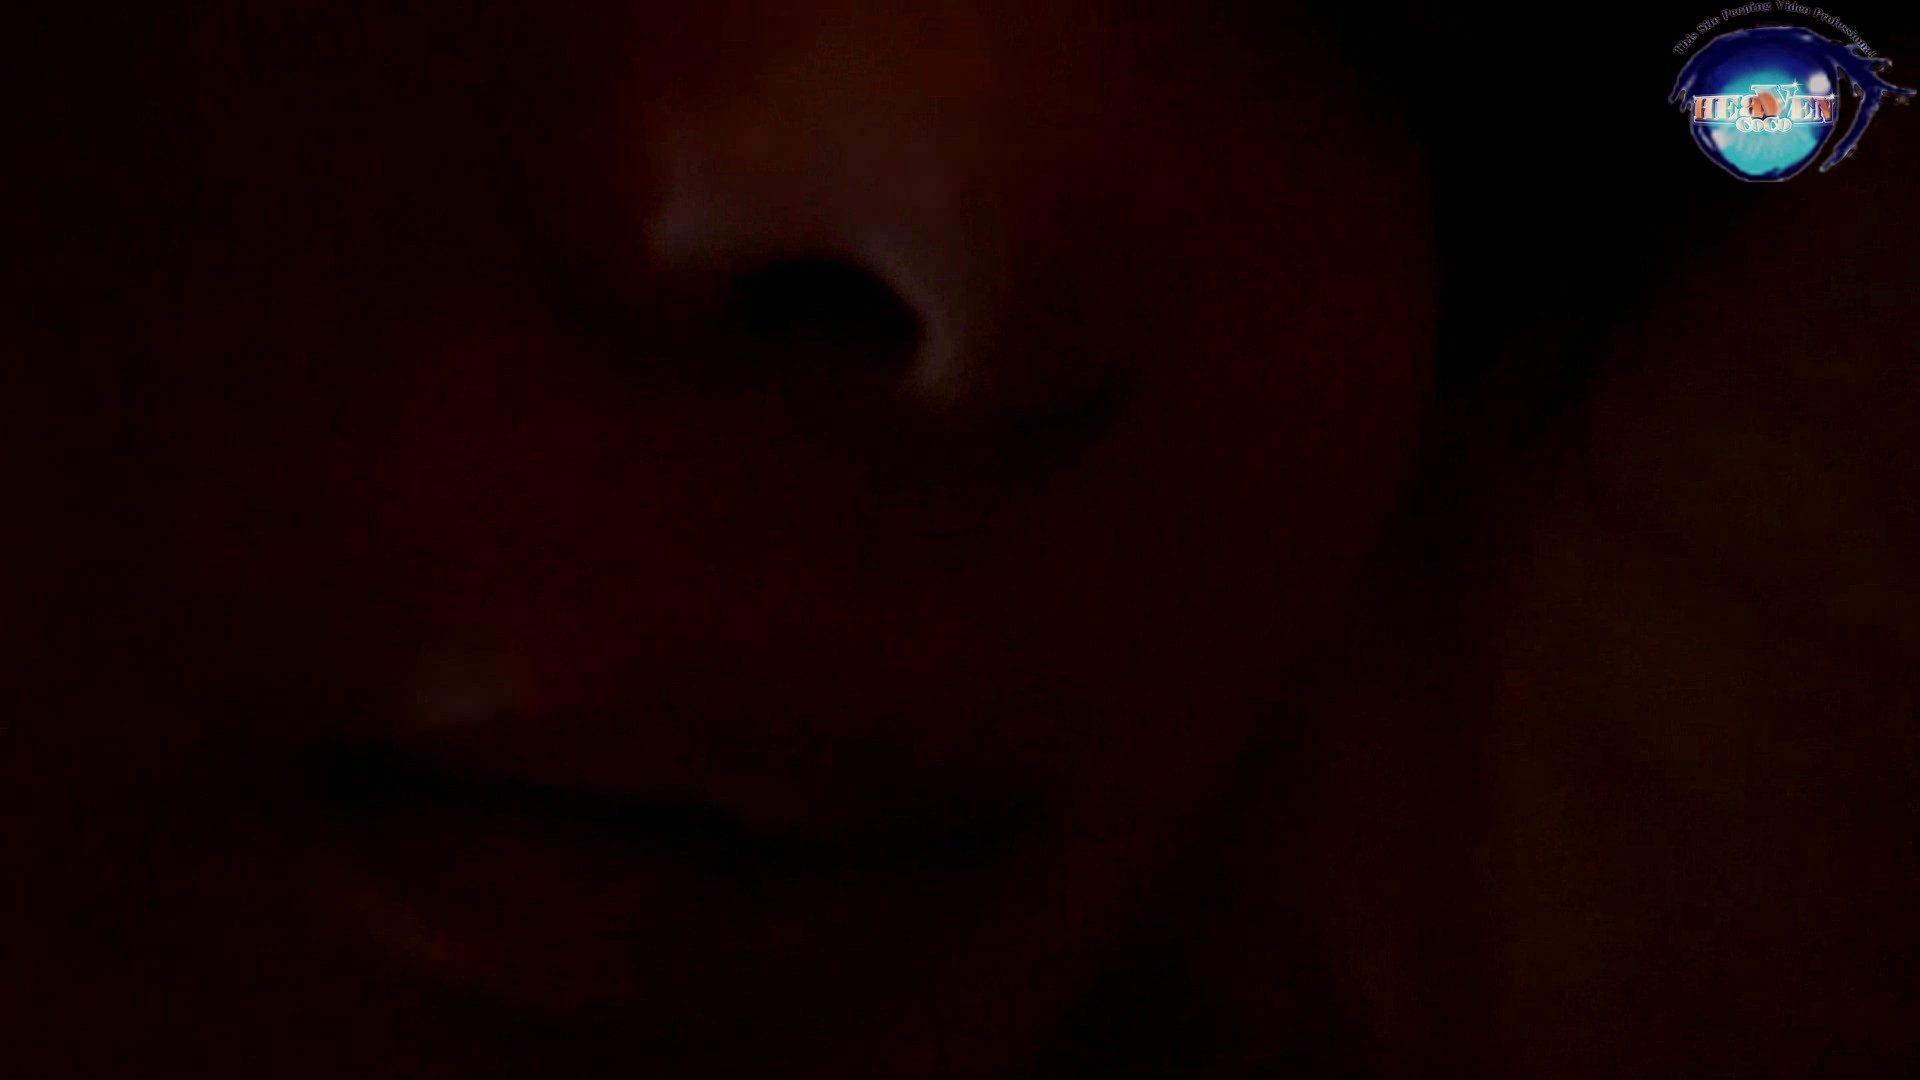 睡魔 シュウライ 第参壱話 前半 女子大生のエロ動画  94PIX 72